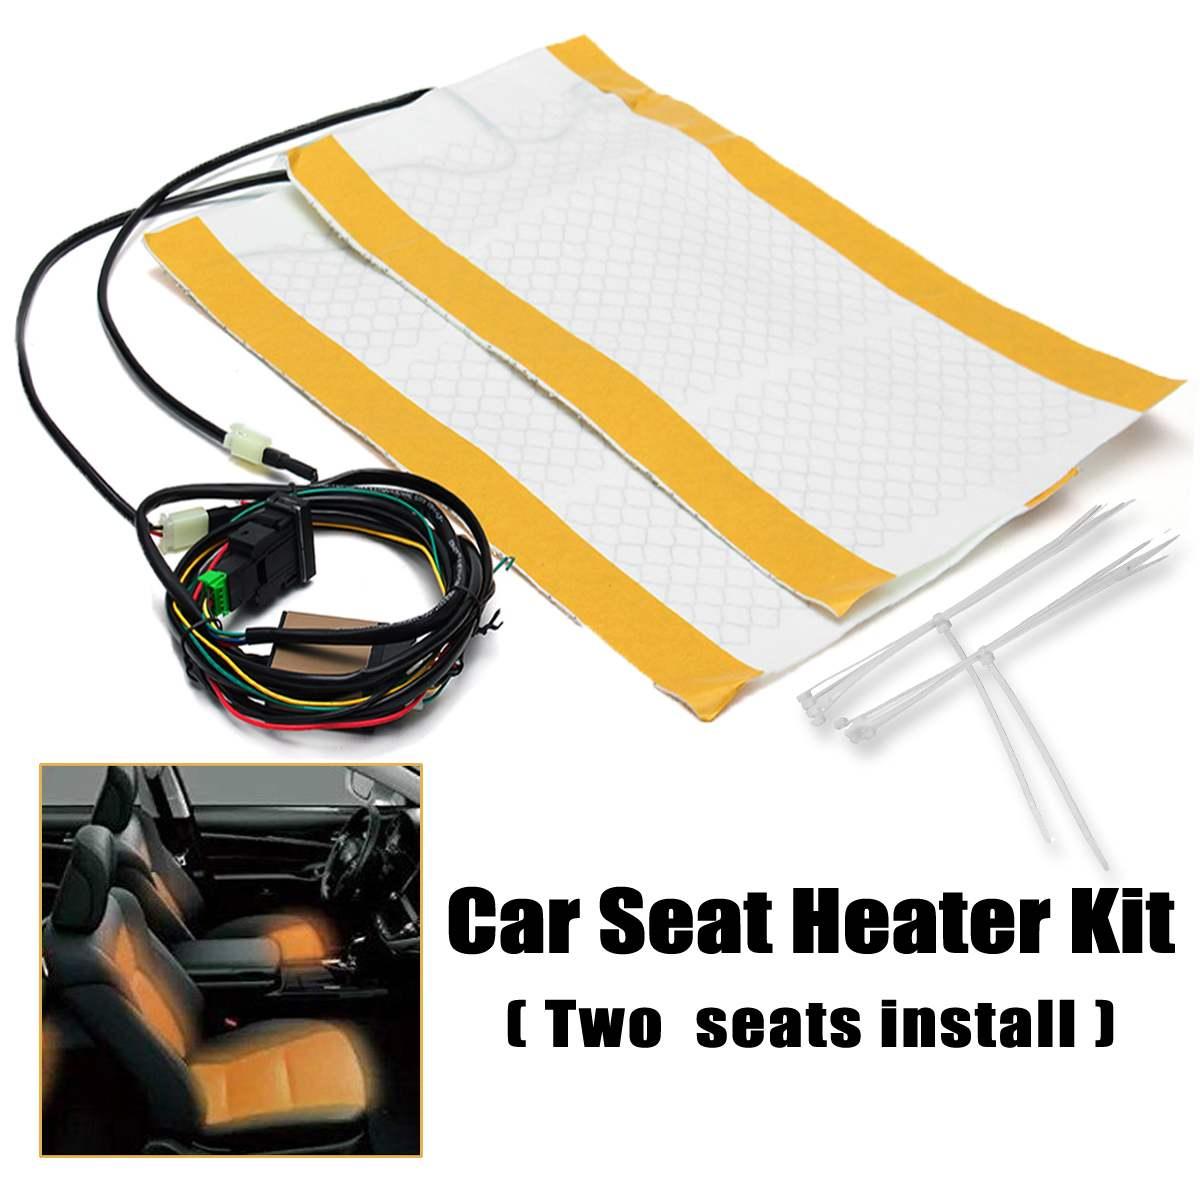 Kit de chauffage de siège de voiture DC 12 V 480x280mm 2 places pour Toyota Prius Corolla Camry Yaris landcuriser Automobiles housses de siège